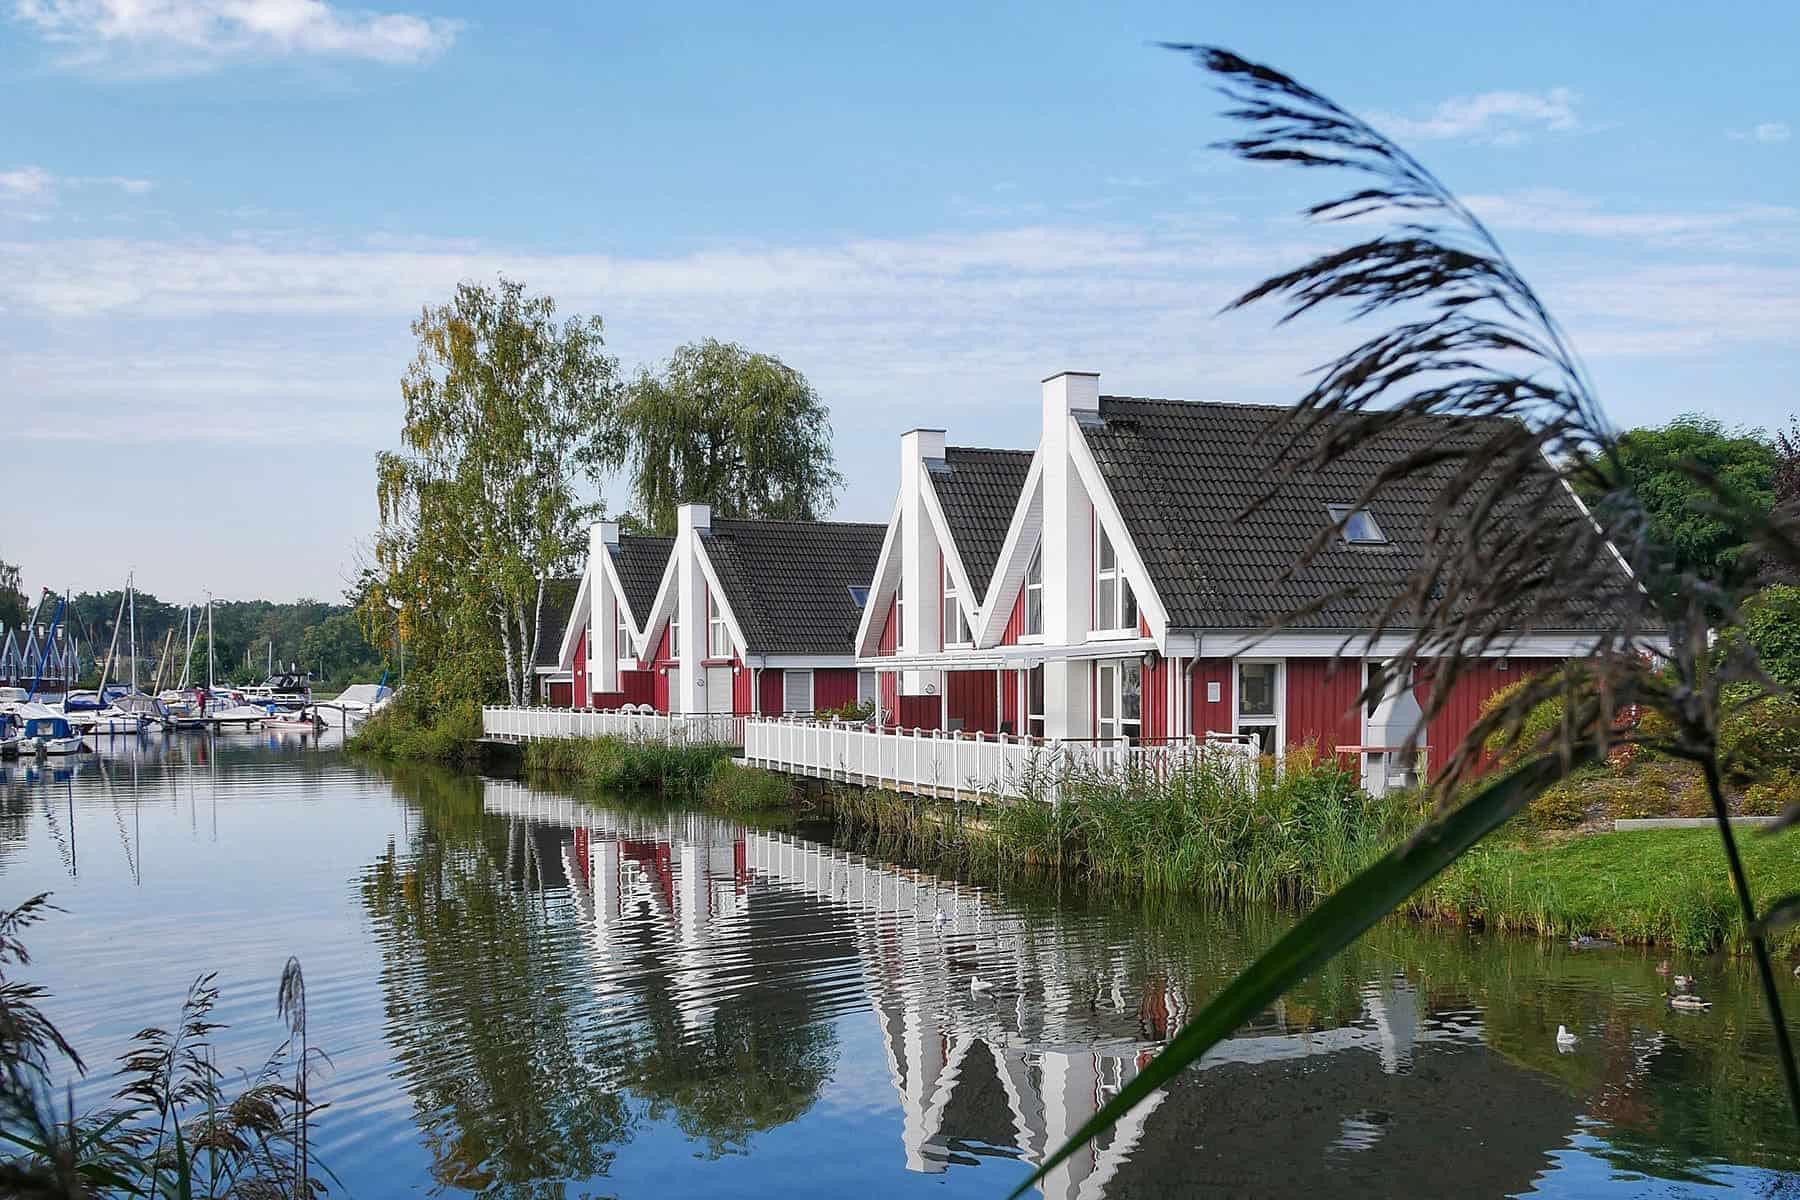 Ferienhaus Pirat mit Wasserterrasse inkl. Nebenkosten in Wendisch Rietz